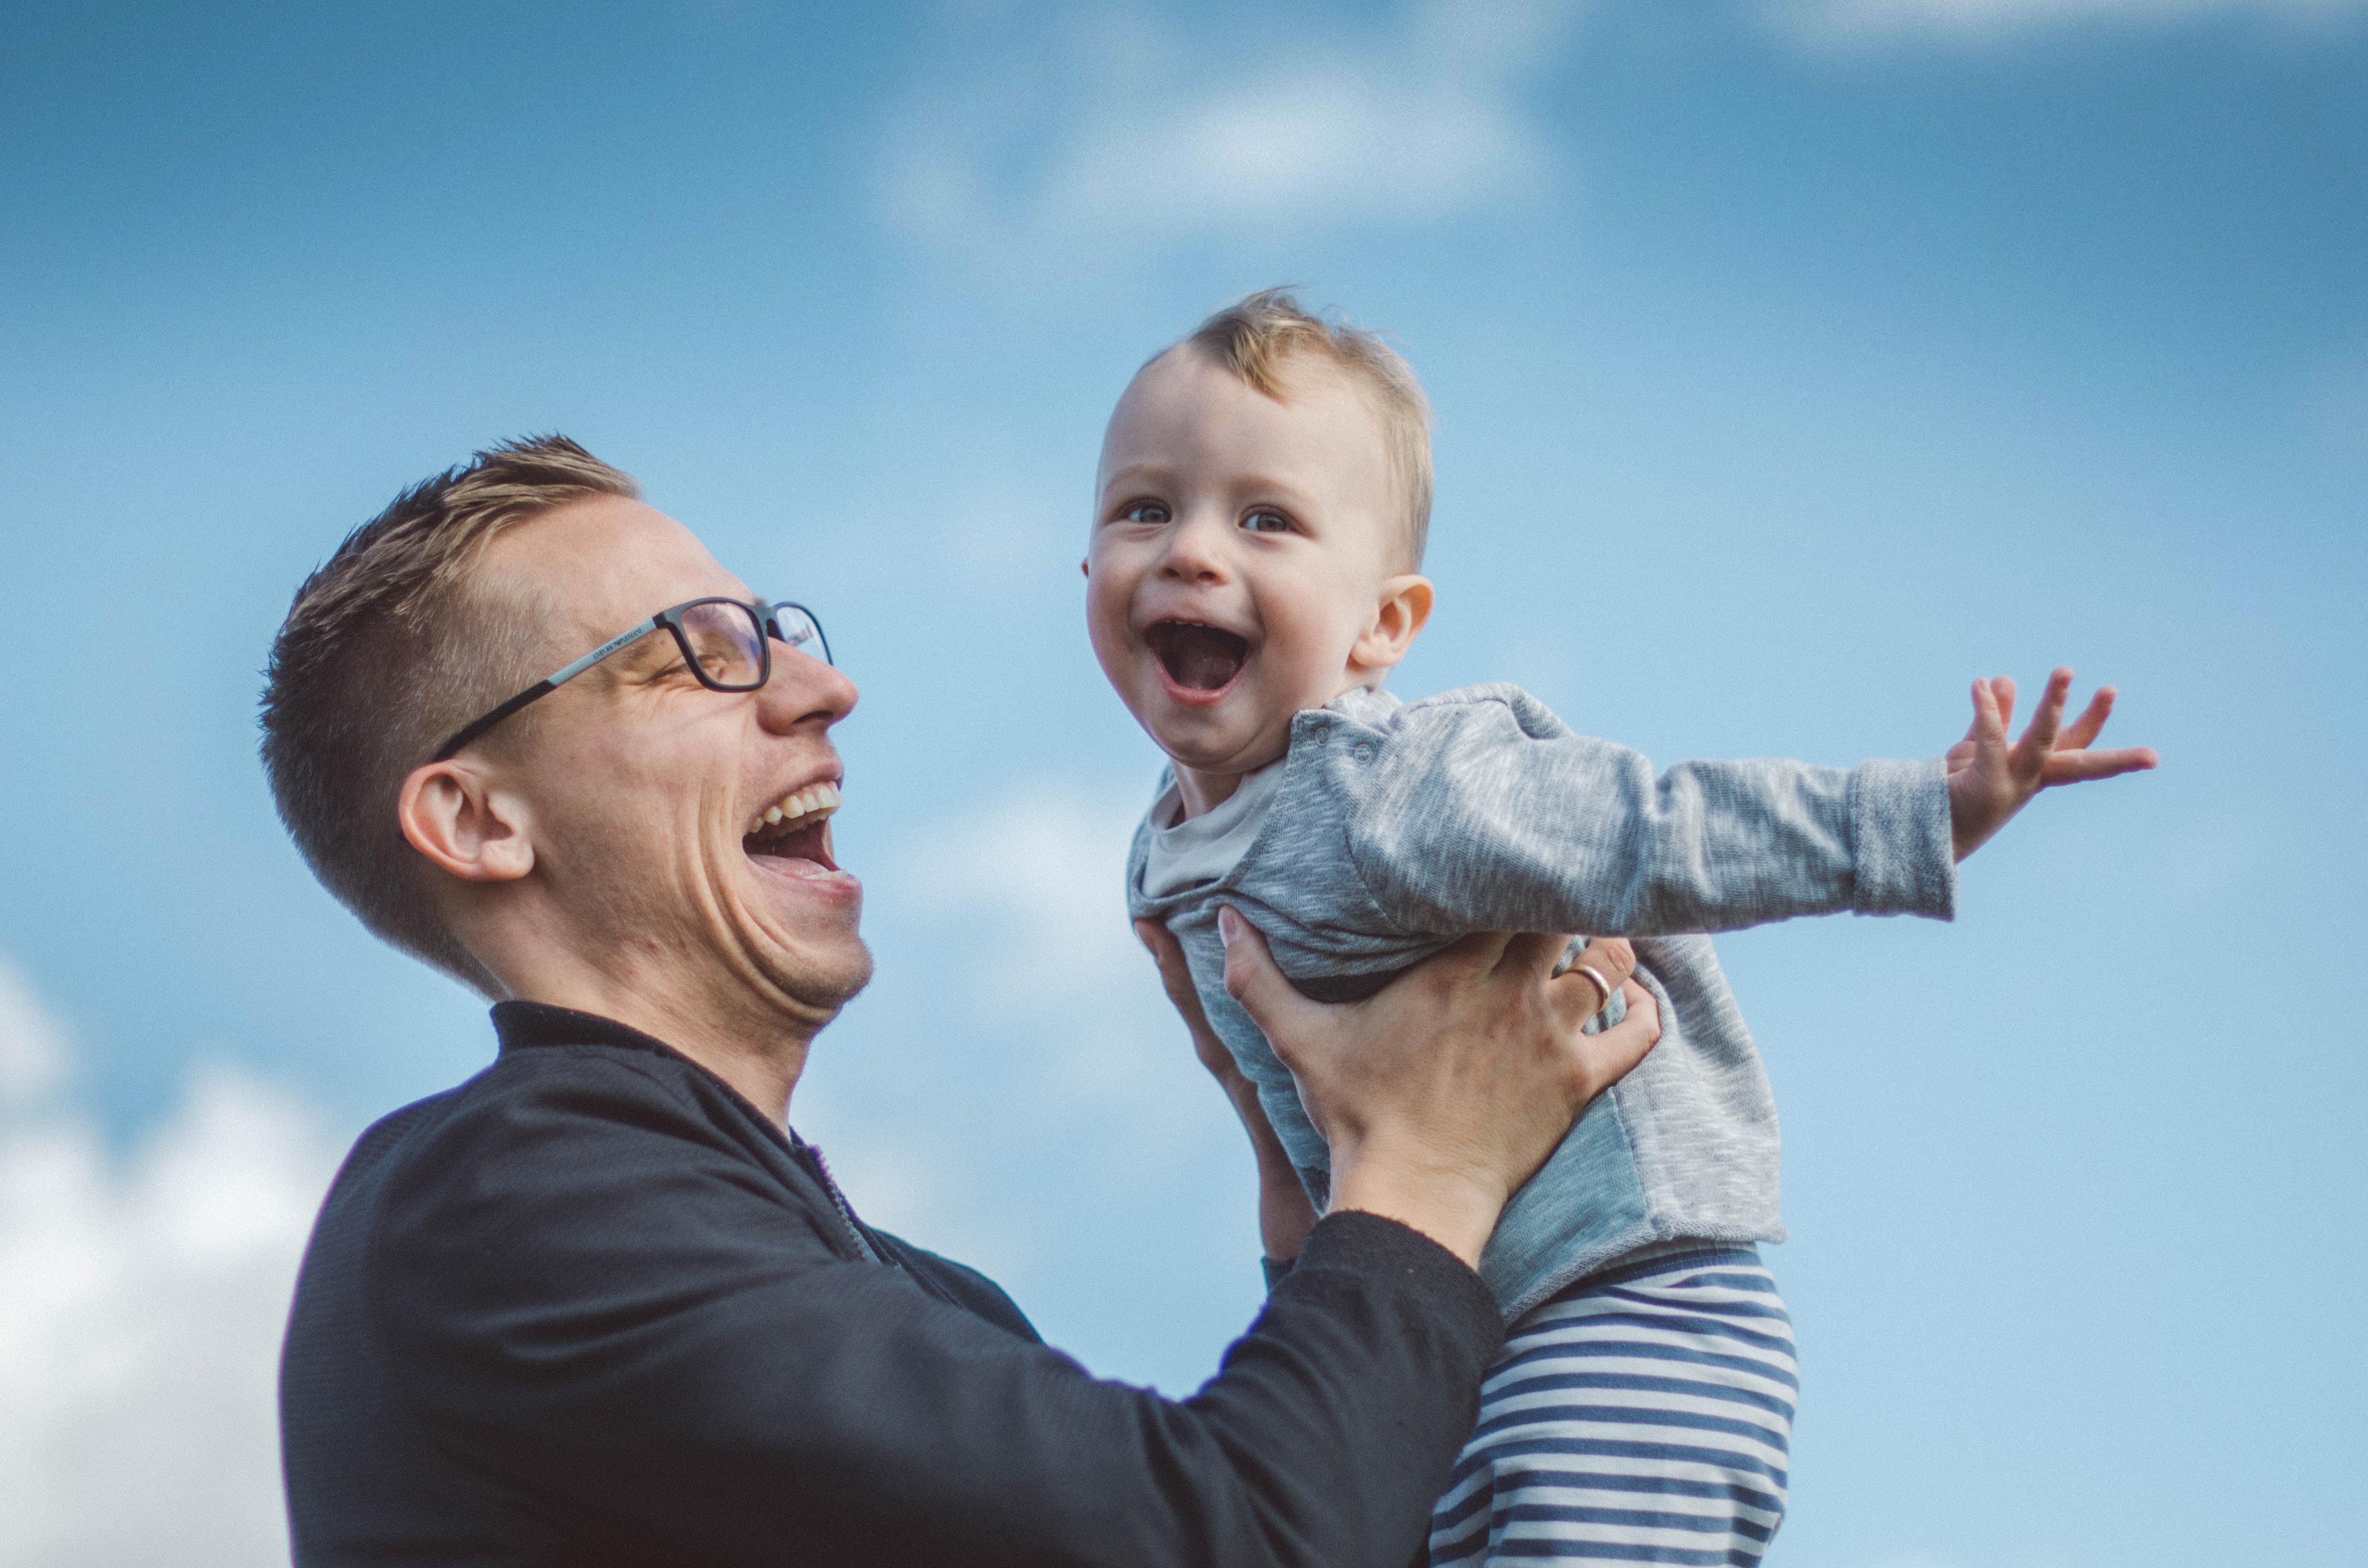 Dokumentarische-Familienfotos-im-Freien-Vaterliebe